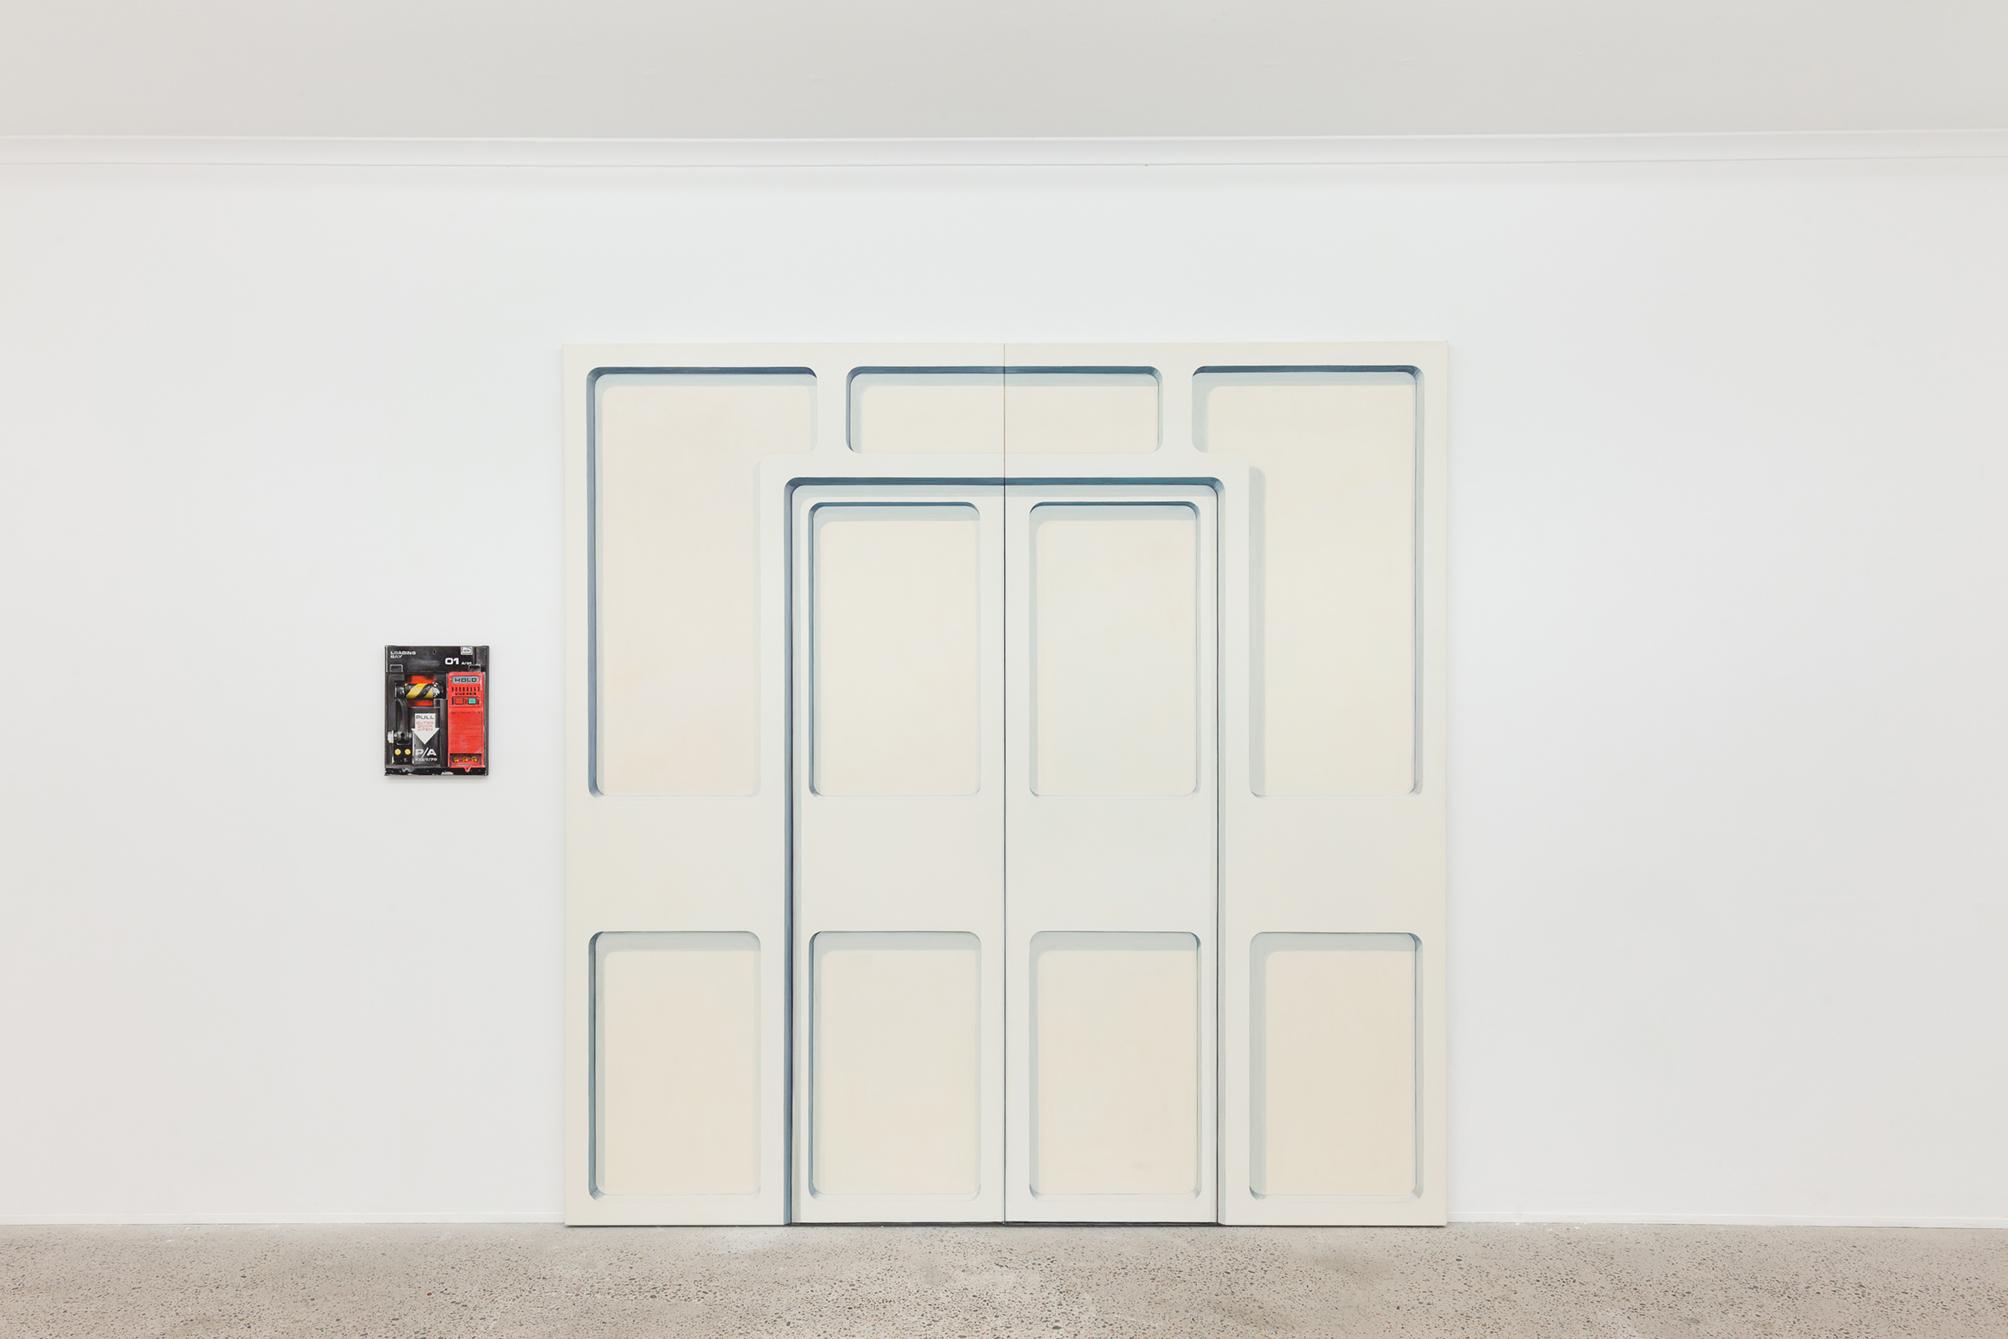 Air Lock Doors (Space 1999)